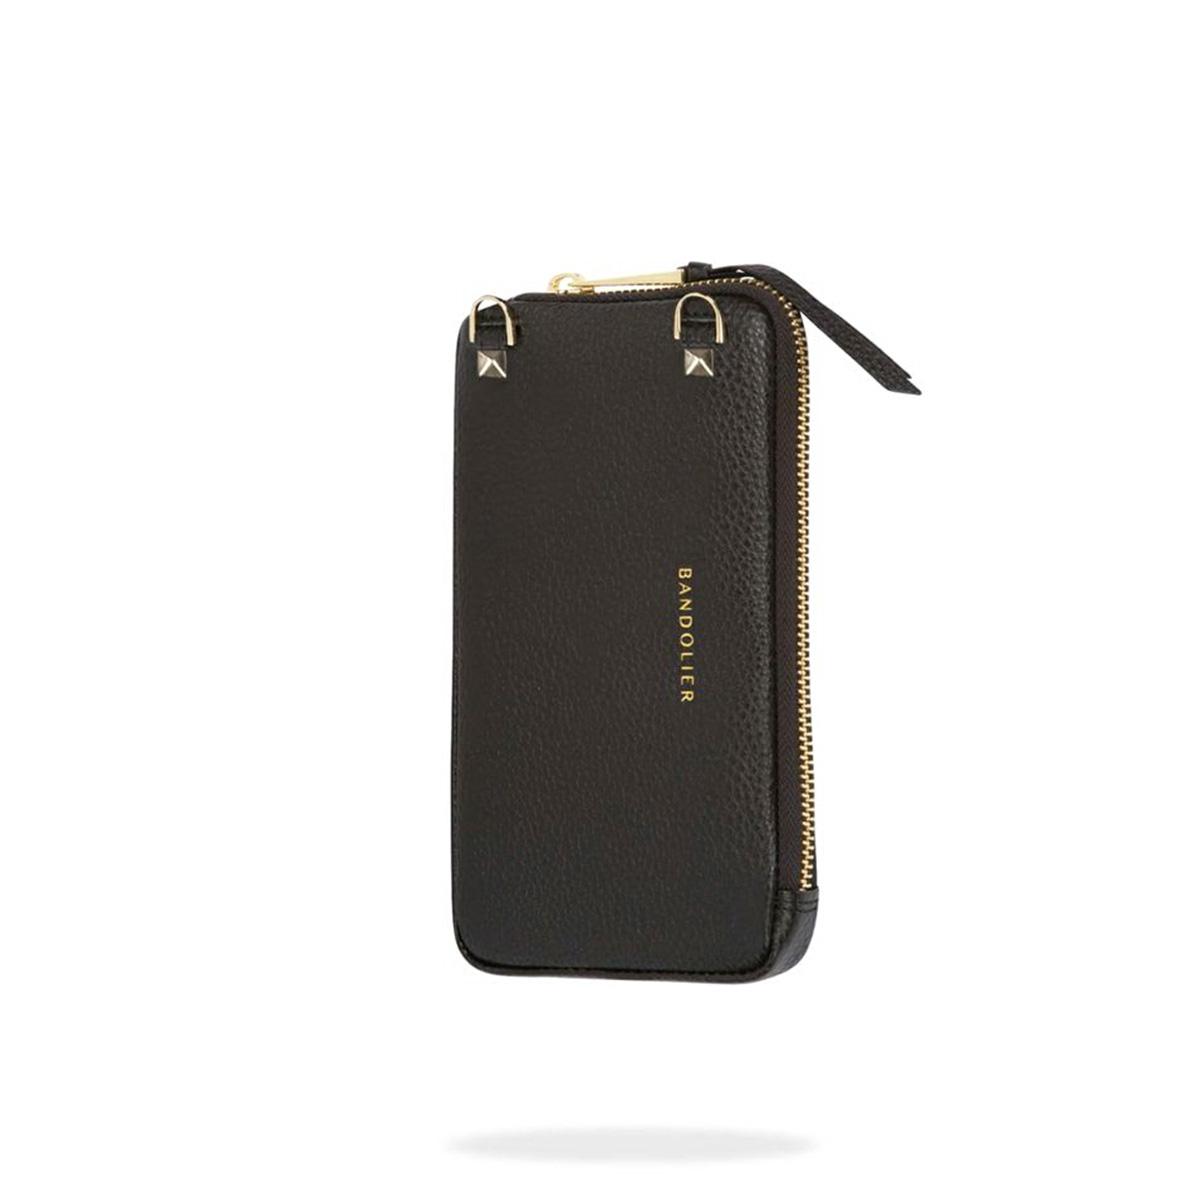 BANDOLIER EXPANDED GOLD POUCH バンドリヤー ポーチ ケース スマホ 携帯 レザー メンズ レディース ブラック 黒 21GRA